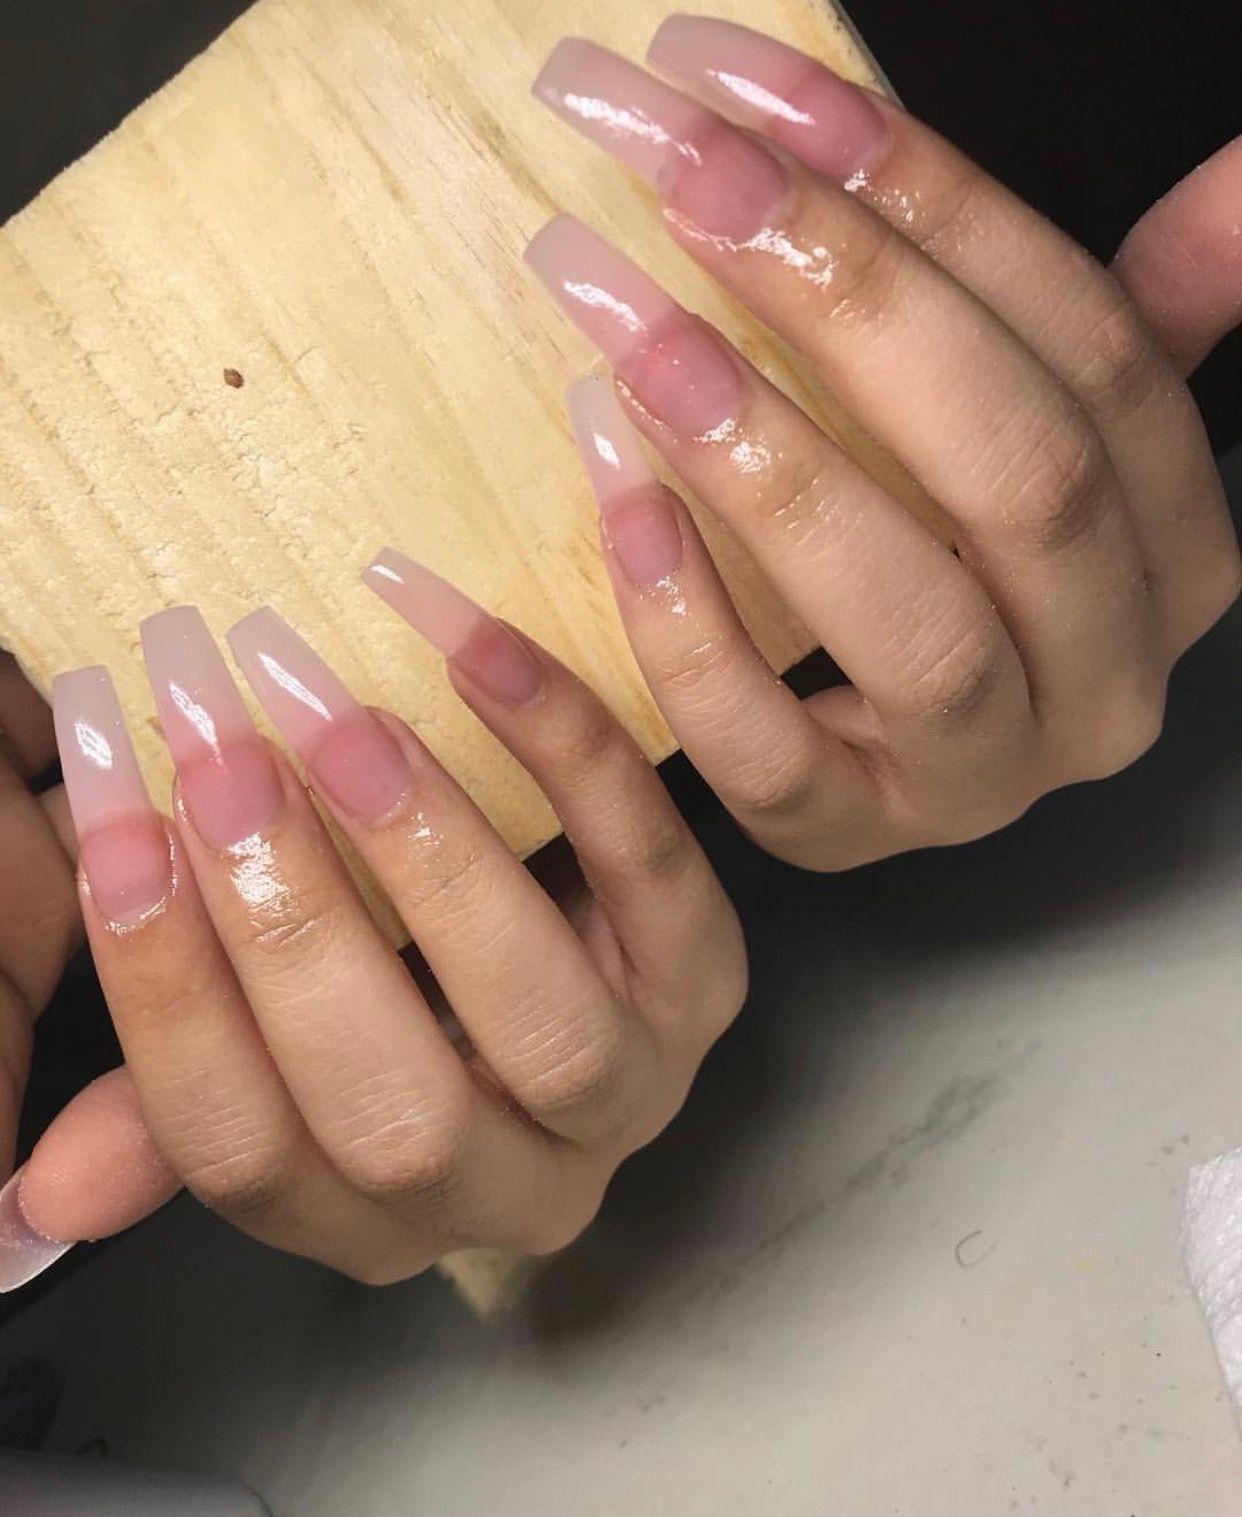 Pin by B R I T T N E Y on Fabulous Nails ♡ | Long acrylic nails, Pretty nails, Cute nails